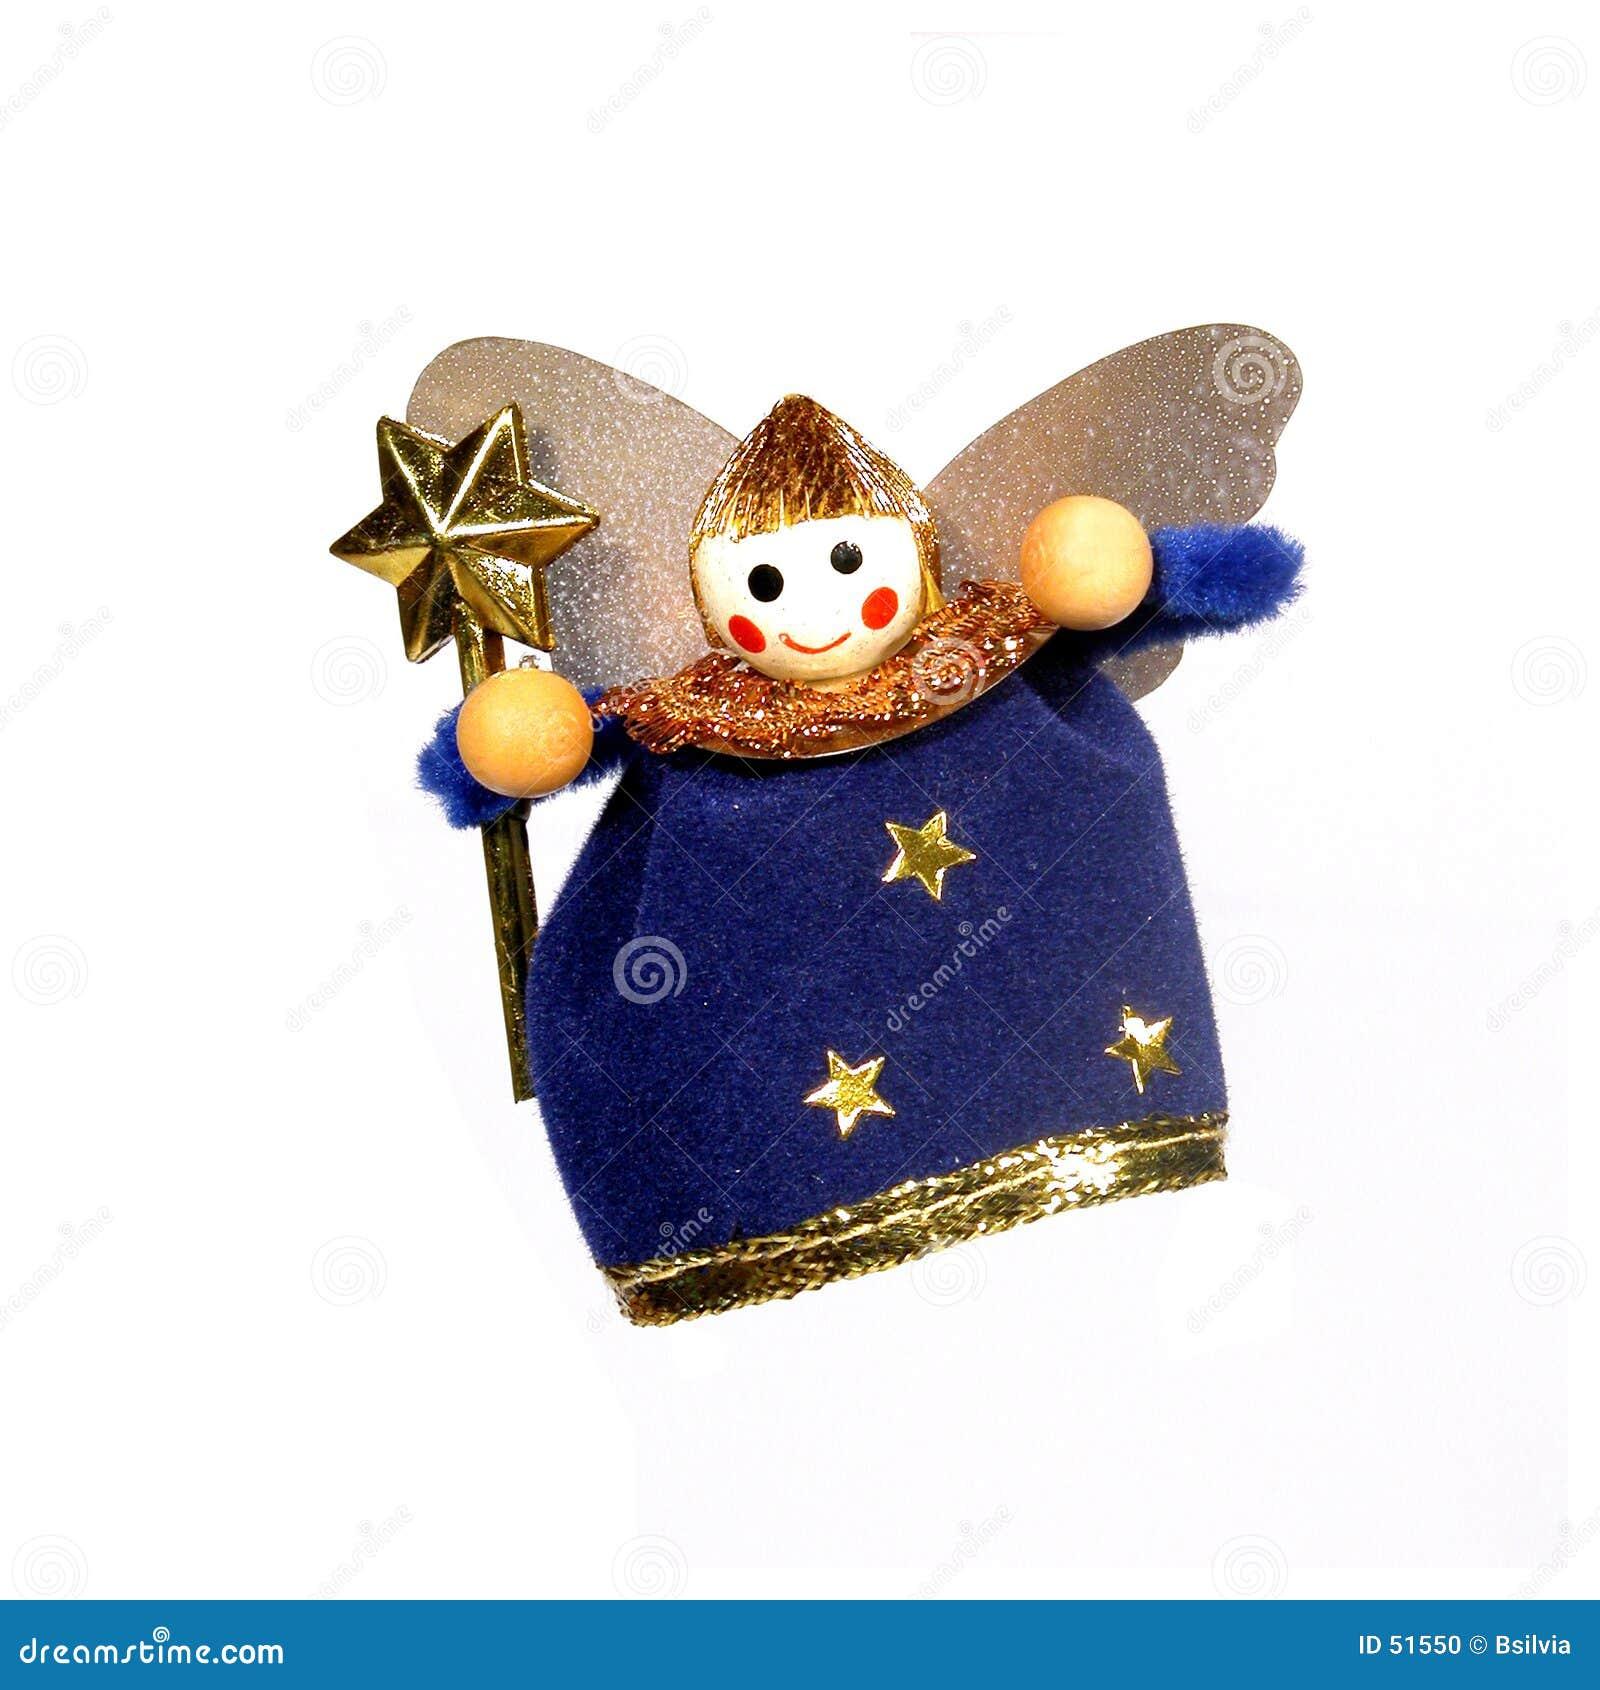 Download Décoration de Noël photo stock. Image du over, cadeaux, heureux - 51550